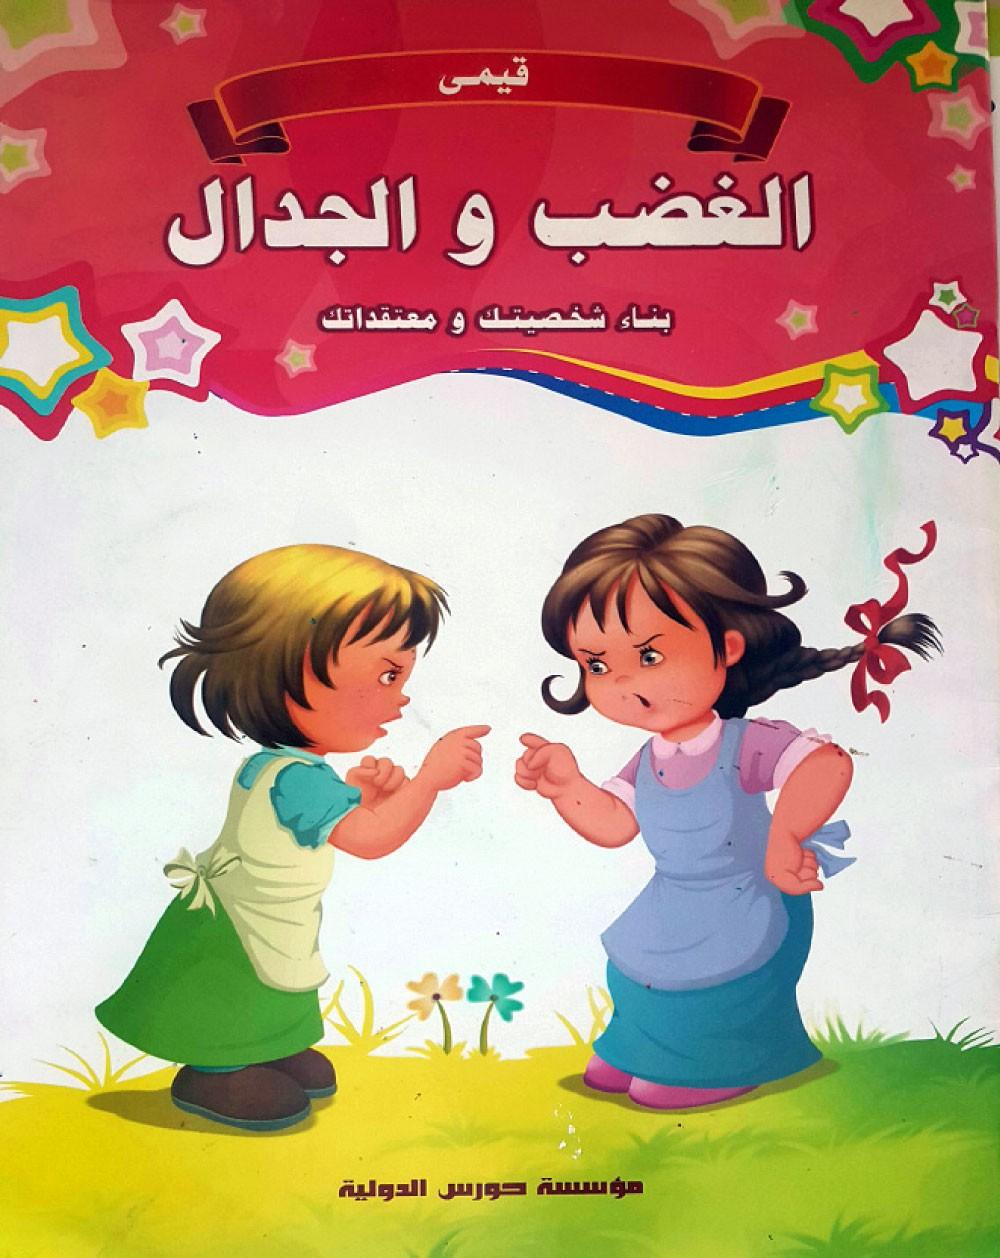 أيهما أهم في كتب الأطفال.. النص أم الرسوم؟